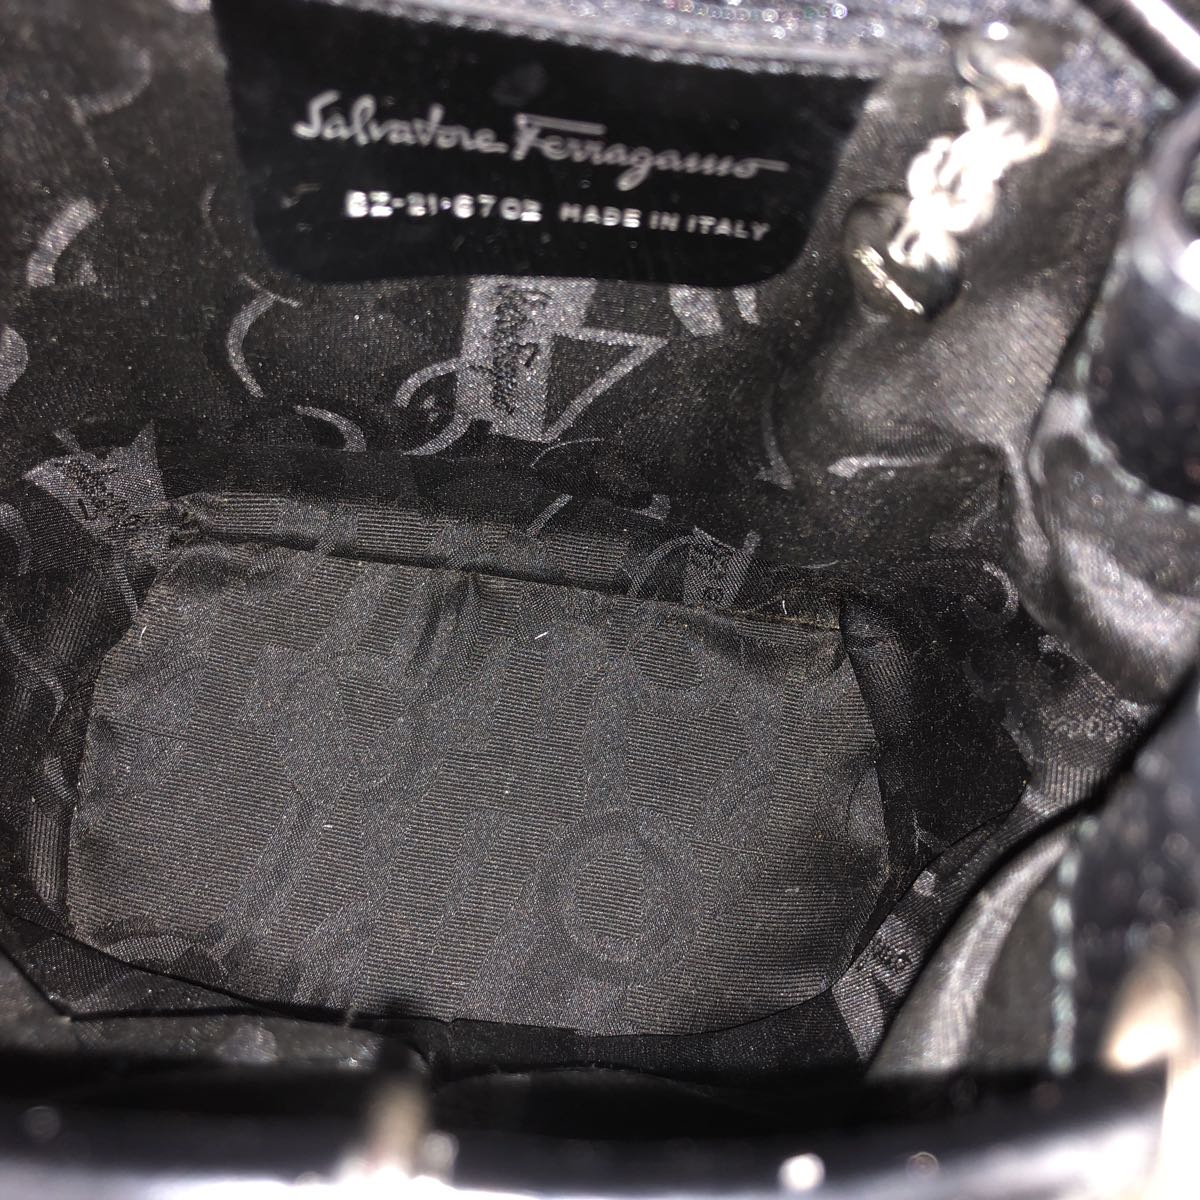 サルヴァトーレ フェラガモ Salvatore Ferragamo リボン 巾着 リュック バックパック 1円~ スレなし_画像8